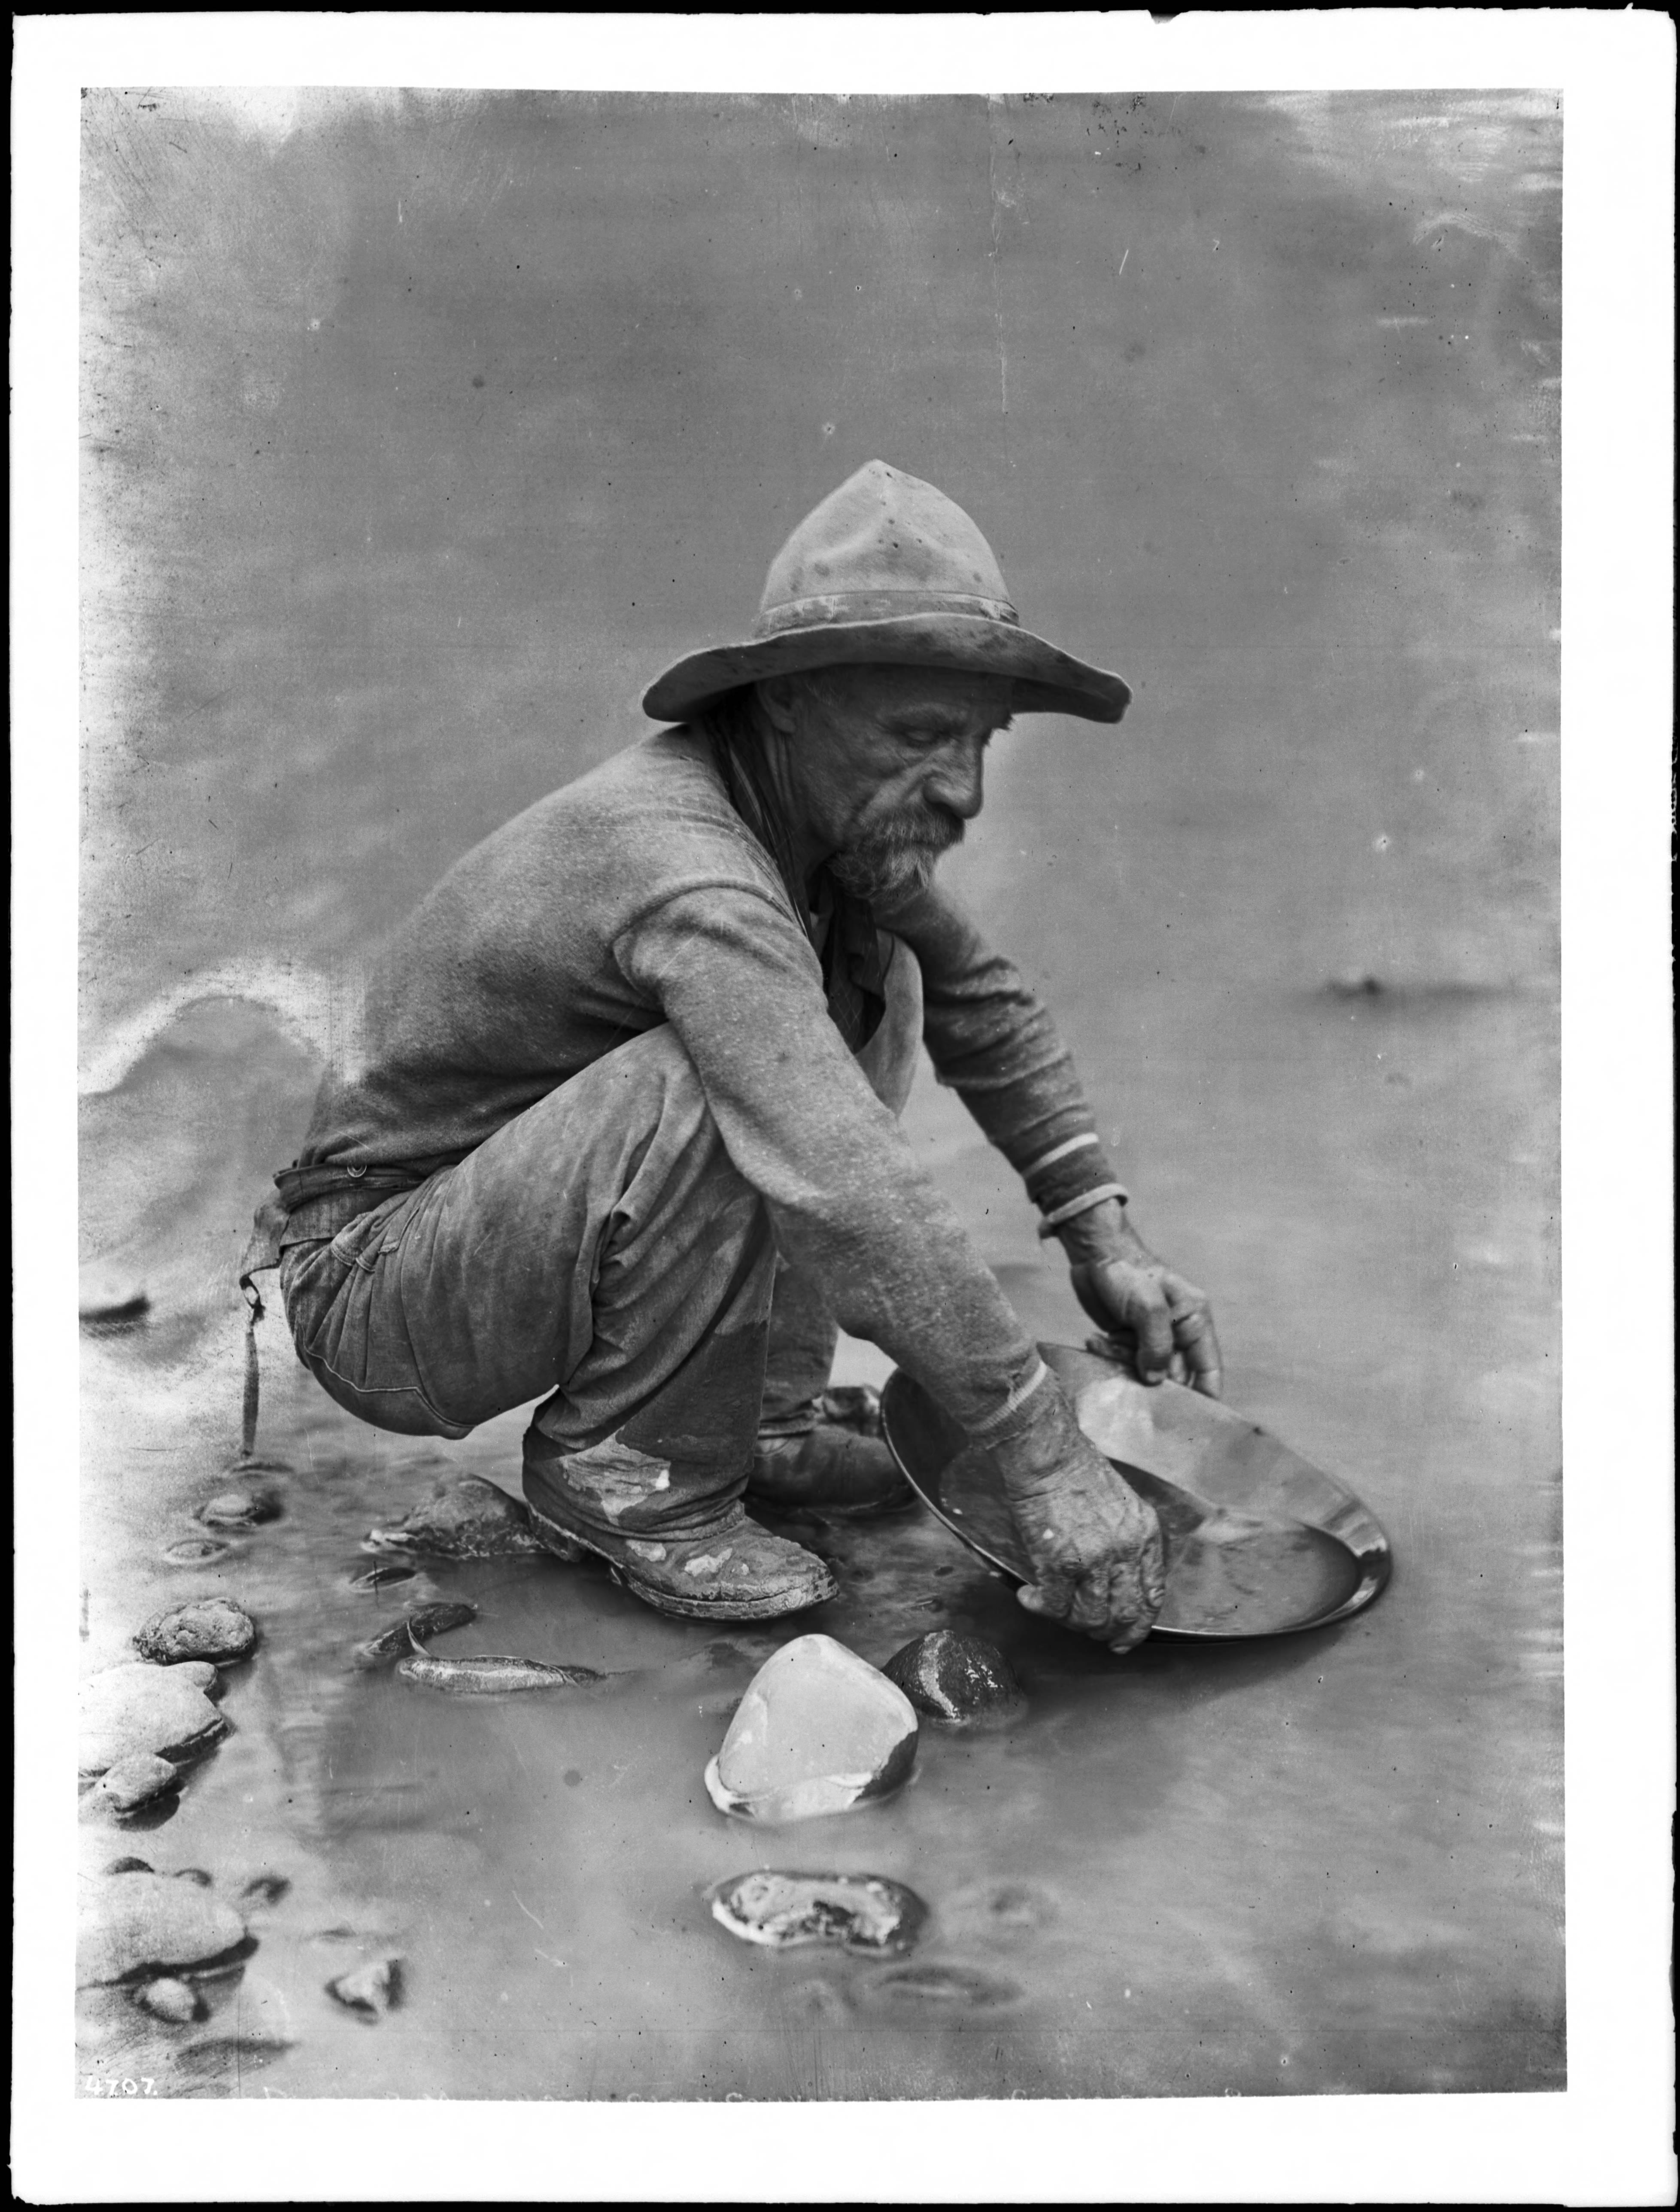 Miners Colorado Miner on The Colorado